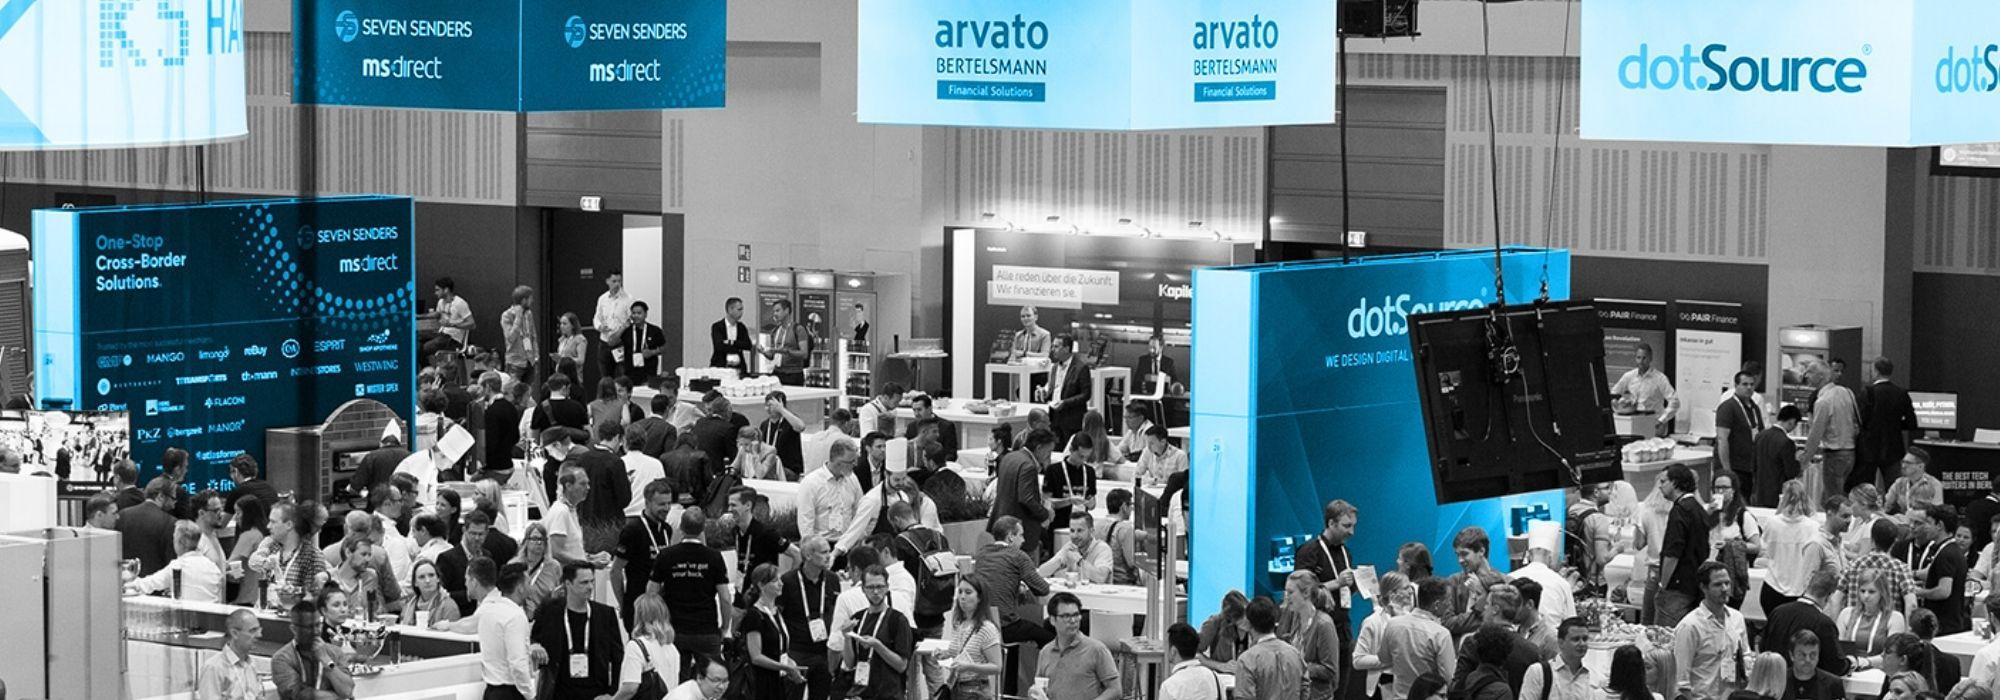 Bild des Ausssteller Bereiches auf der K5 Konferenz